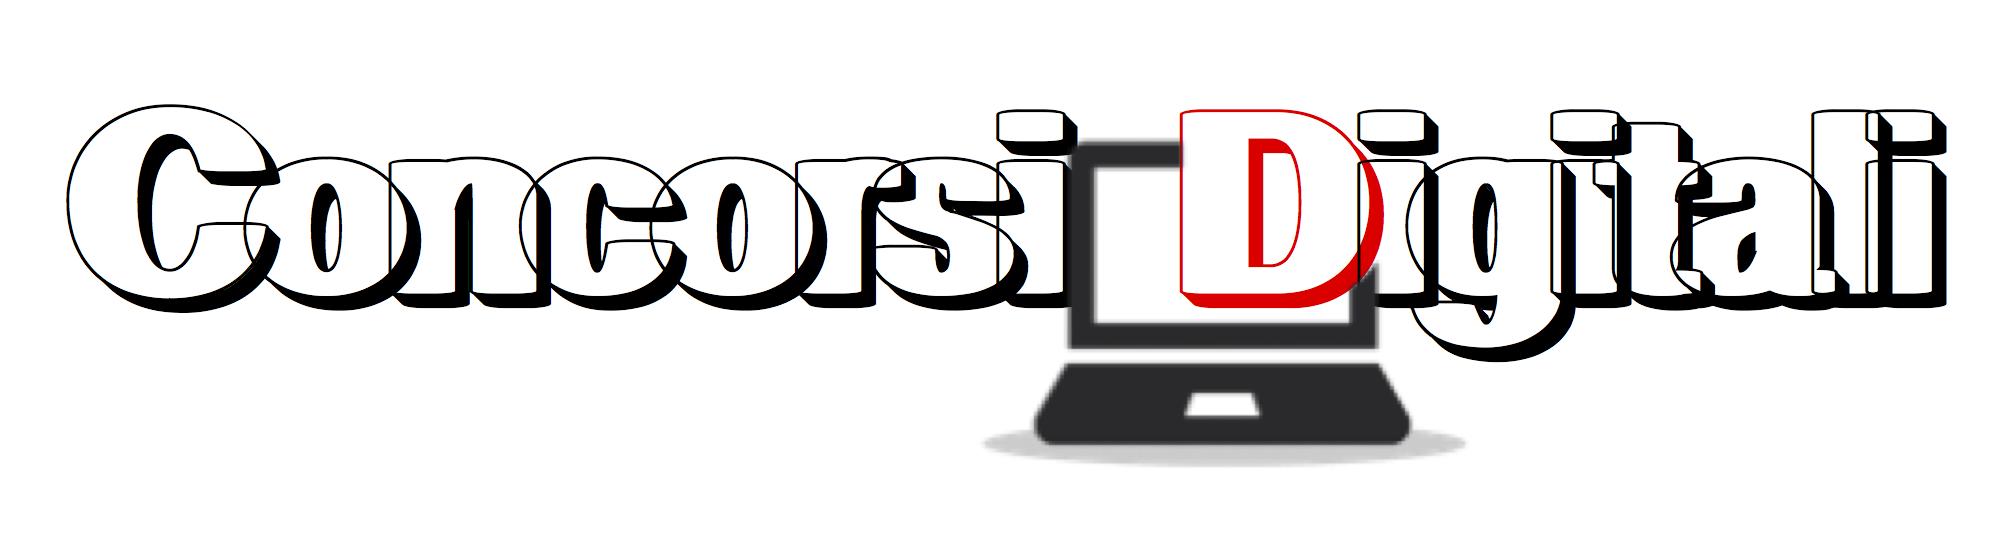 Concorsi Digitali, Premiazione e PNSD